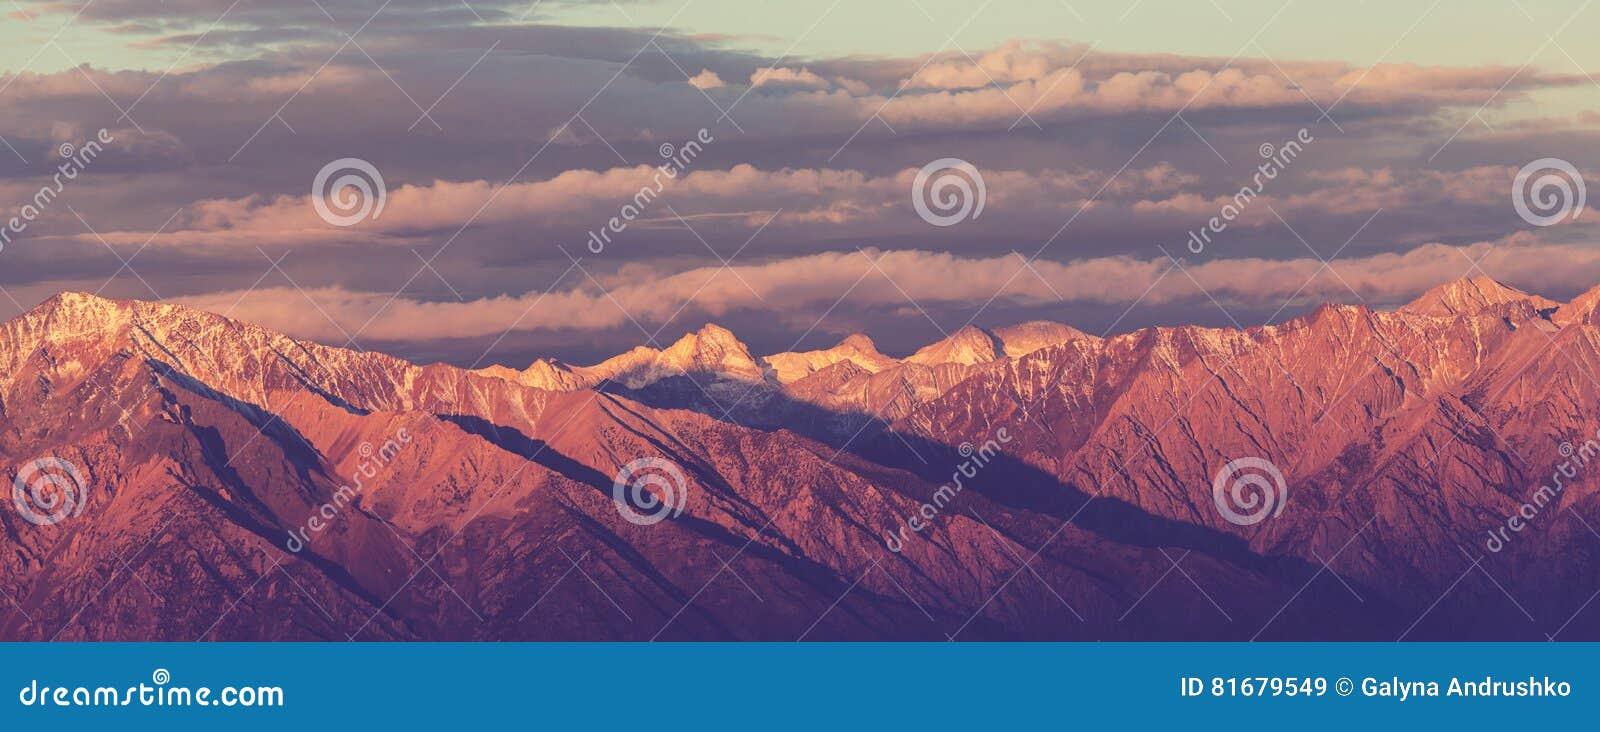 οροσειρά της Νεβάδας